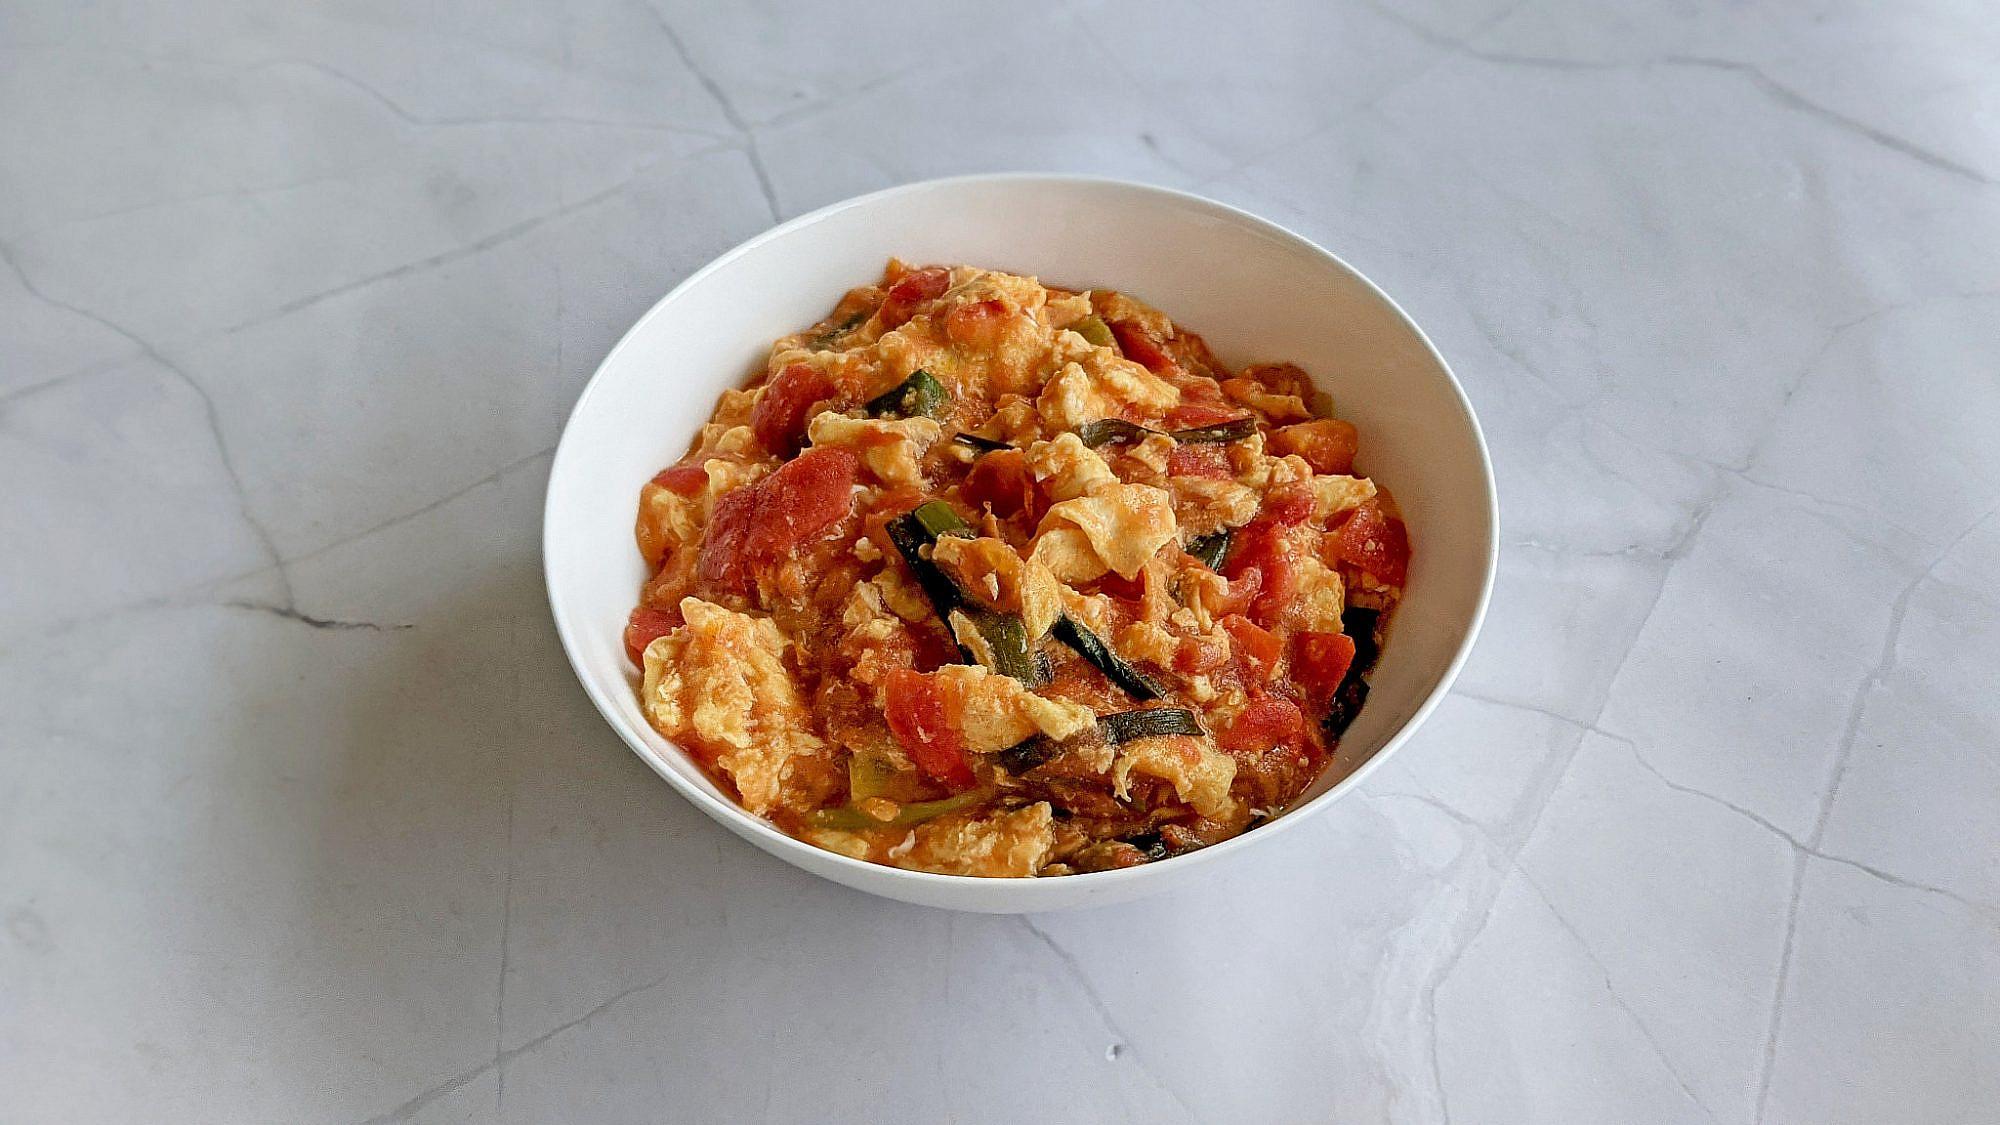 ביצים מטוגנות עם עגבניה בסגנון סיני - פאנג צ'ייה צ'או דאן